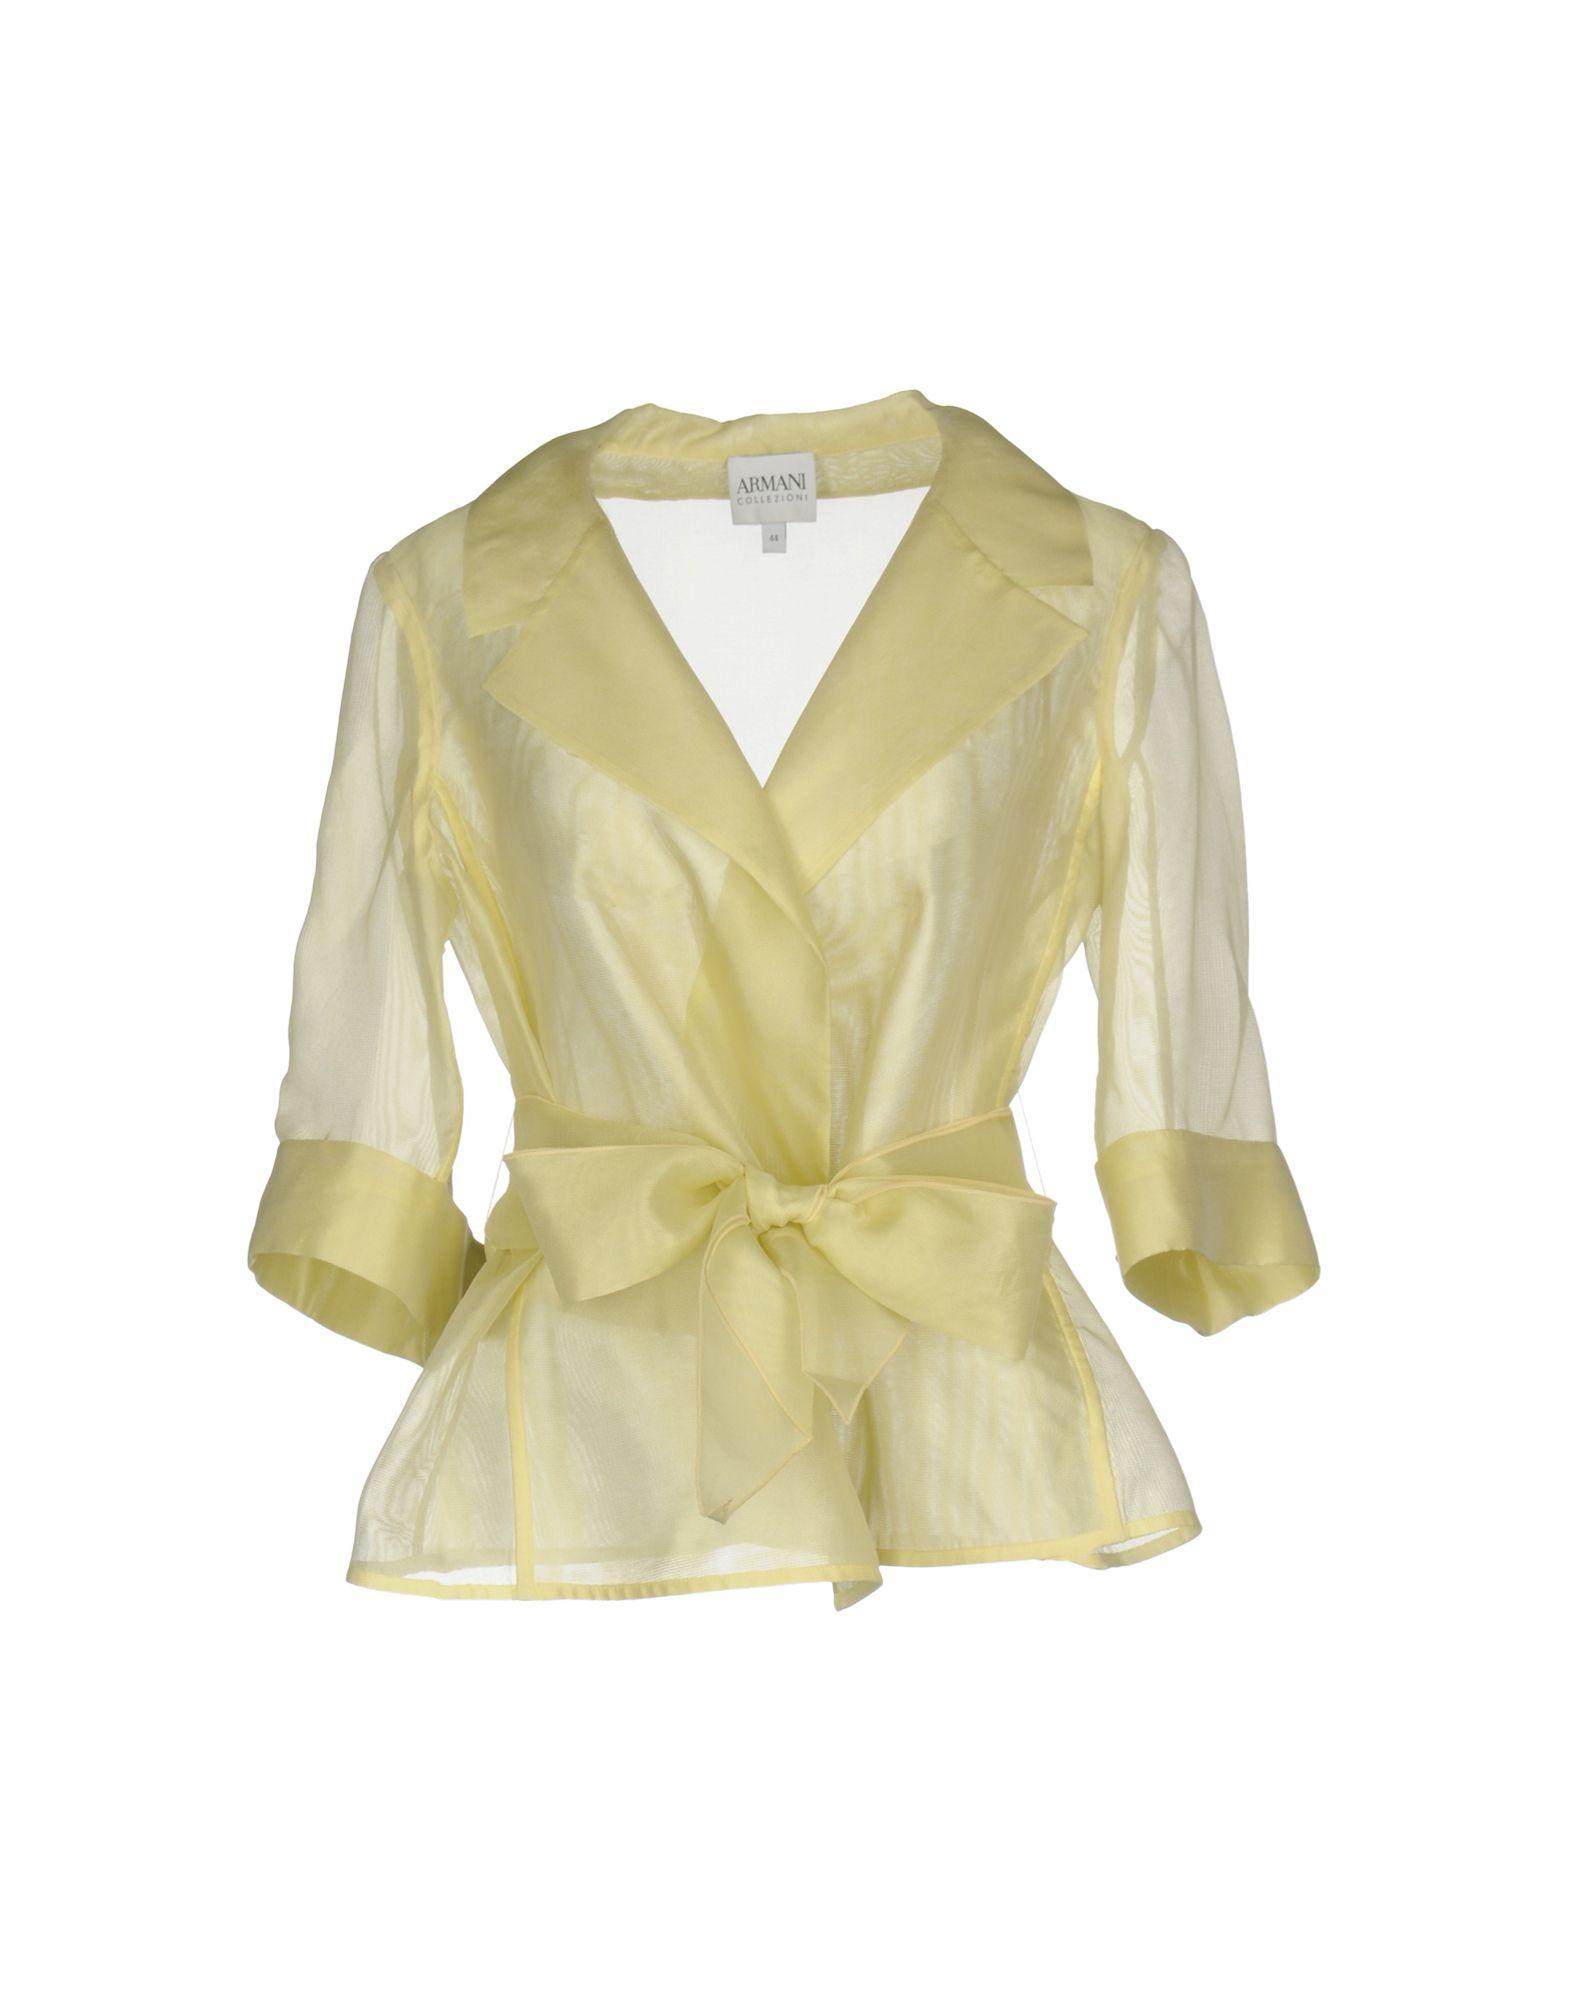 Giacca Armani Collezioni Donna - Acquista online su RO0Kkz4